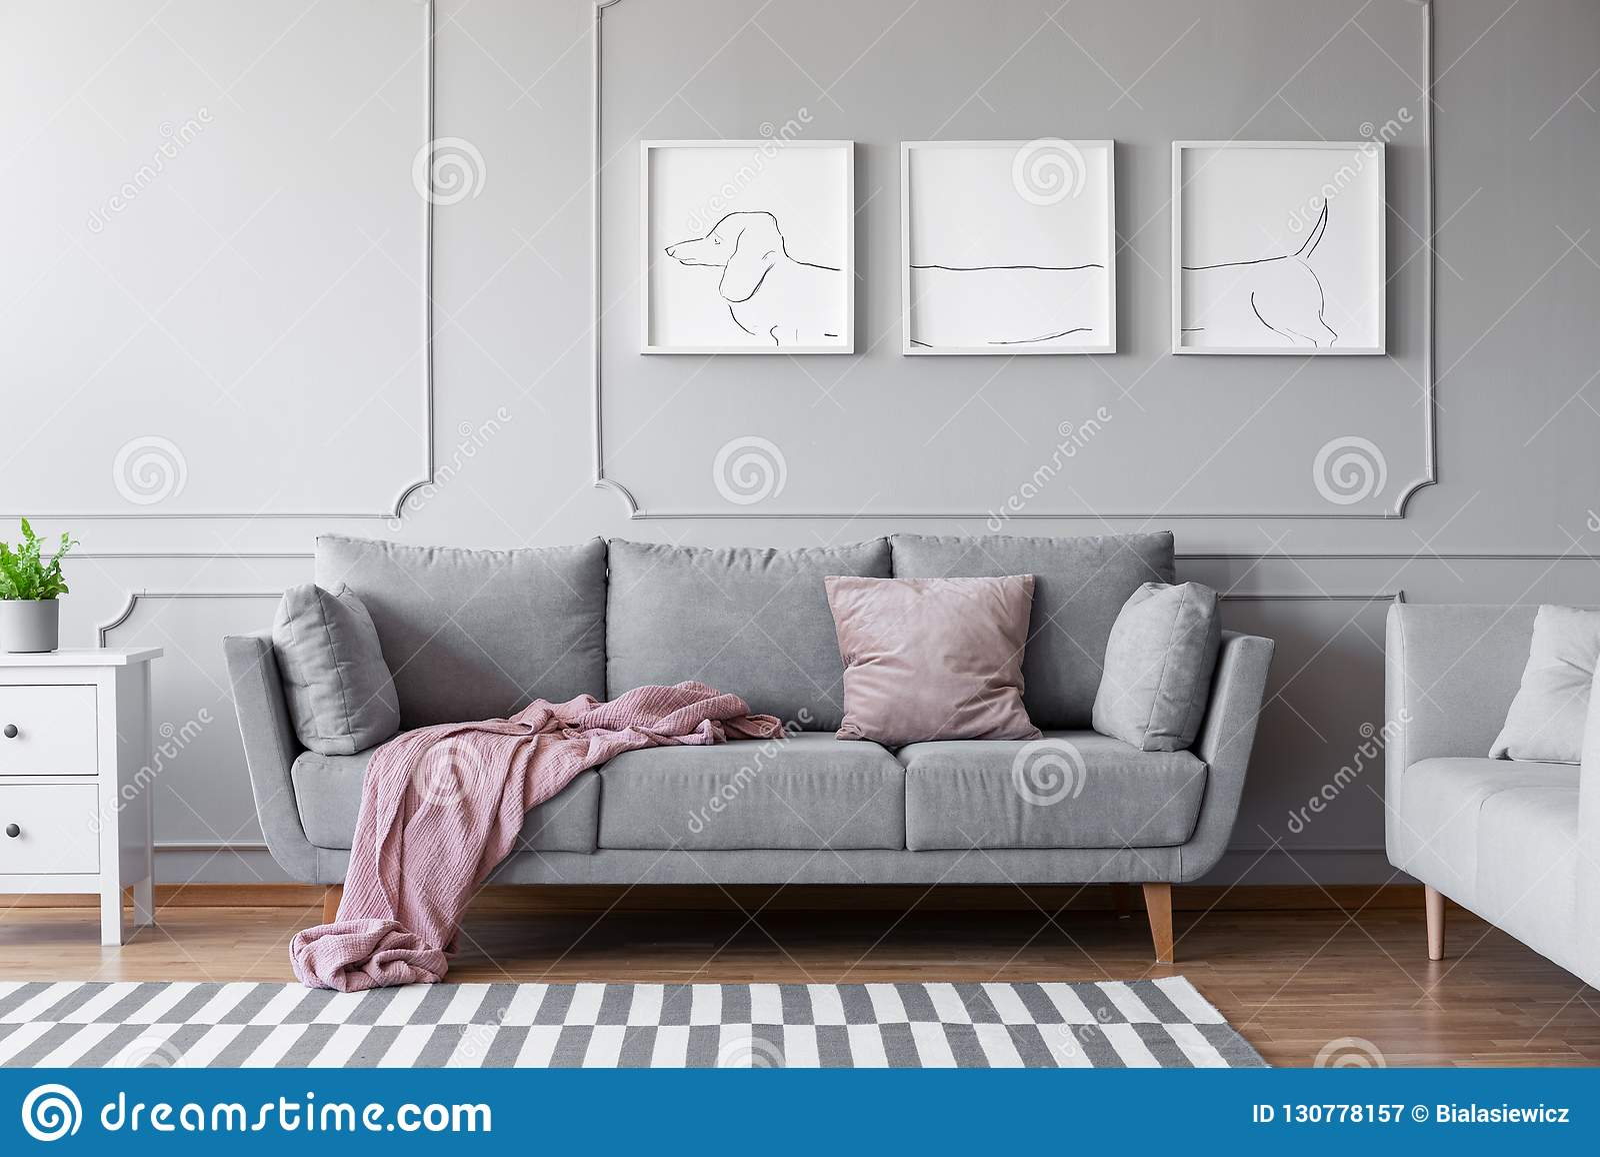 Die Plakate des Hundes über bequemer grauer Couch im stilvollen Wohnzimmerinnenraum mit zwei Sofas